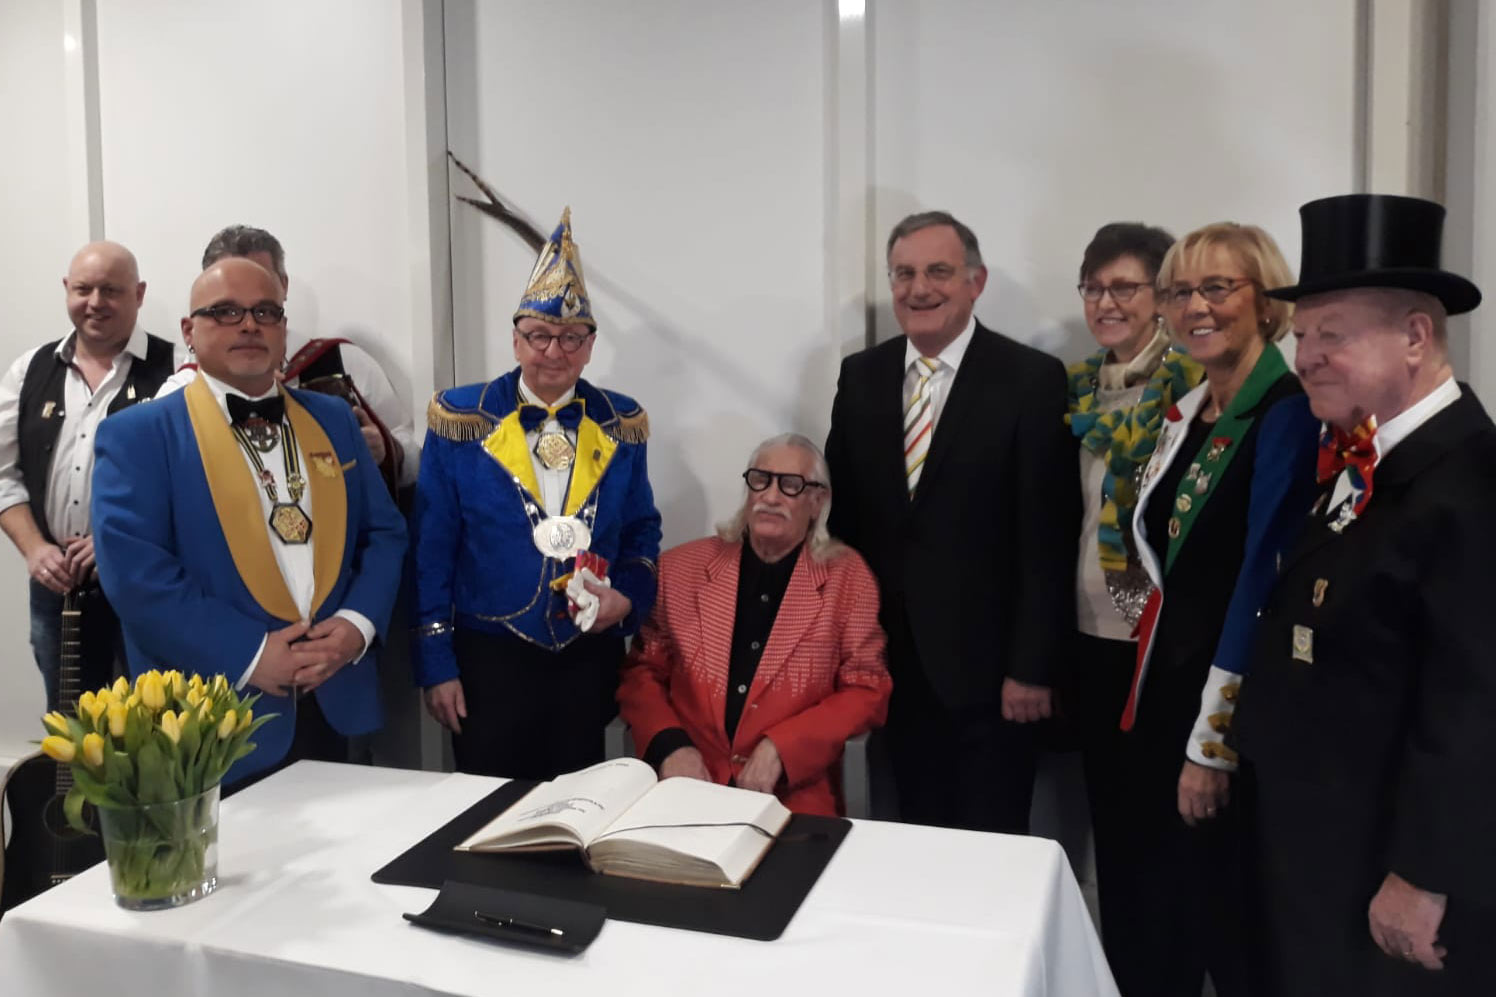 Hans Süper mit Bürgermeister Larue und Mitfliedern der Kgnnd